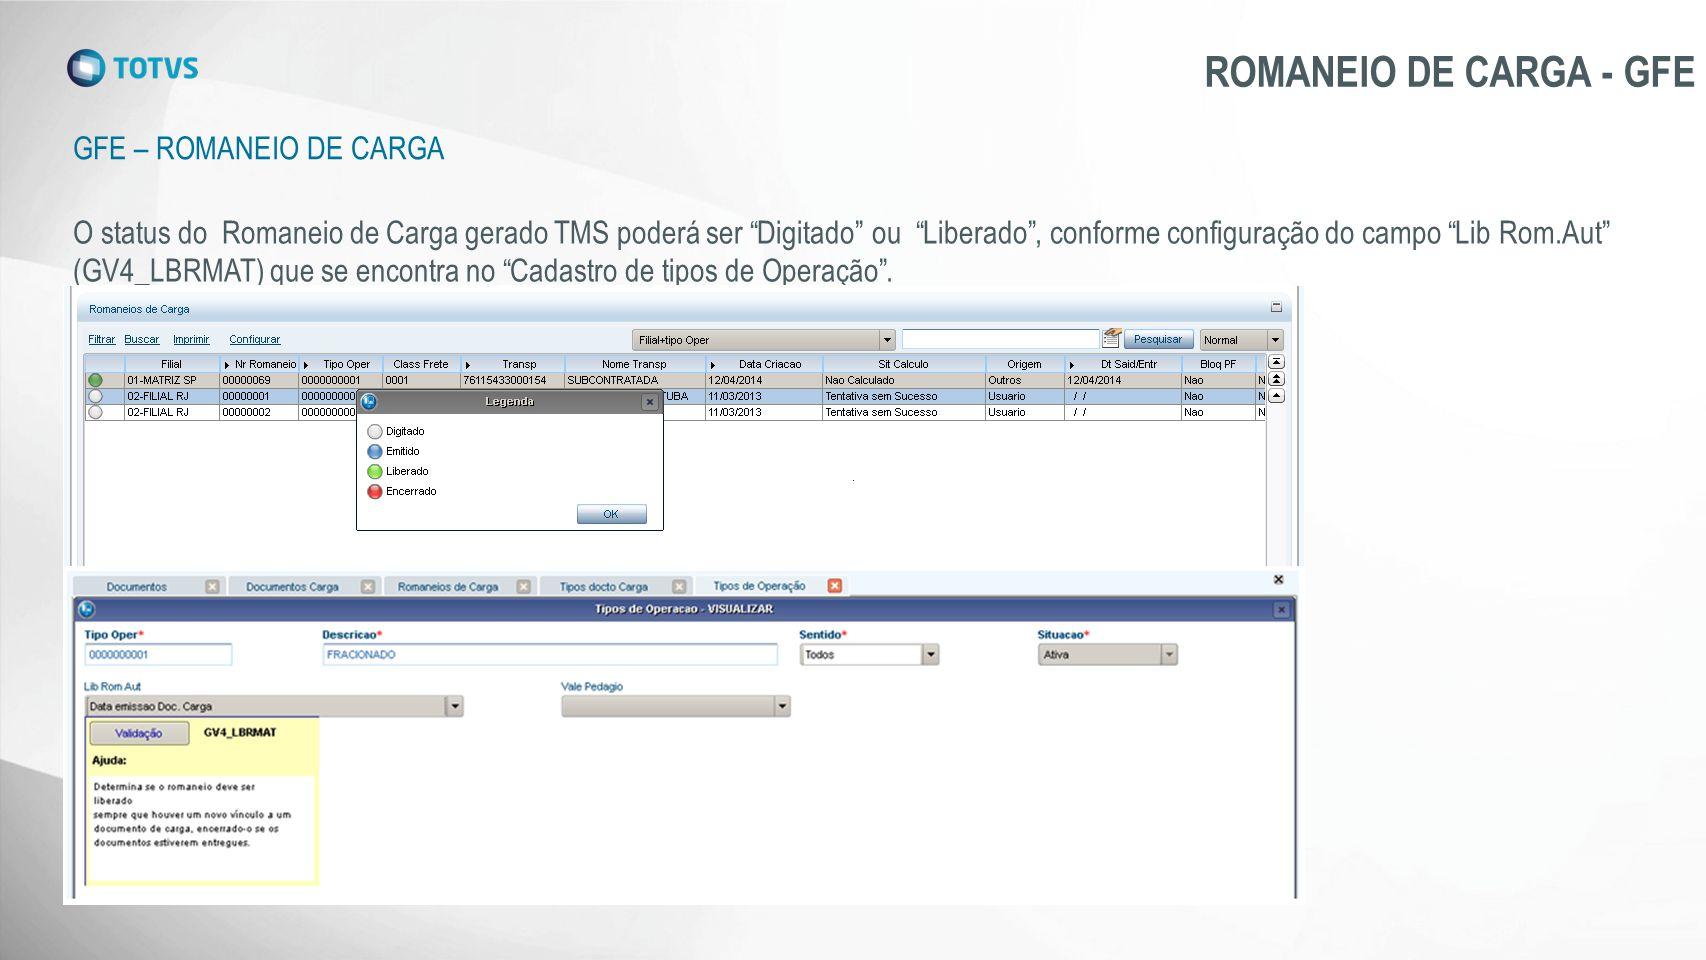 ROMANEIO DE CARGA - GFE Gfe – Romaneio de carga